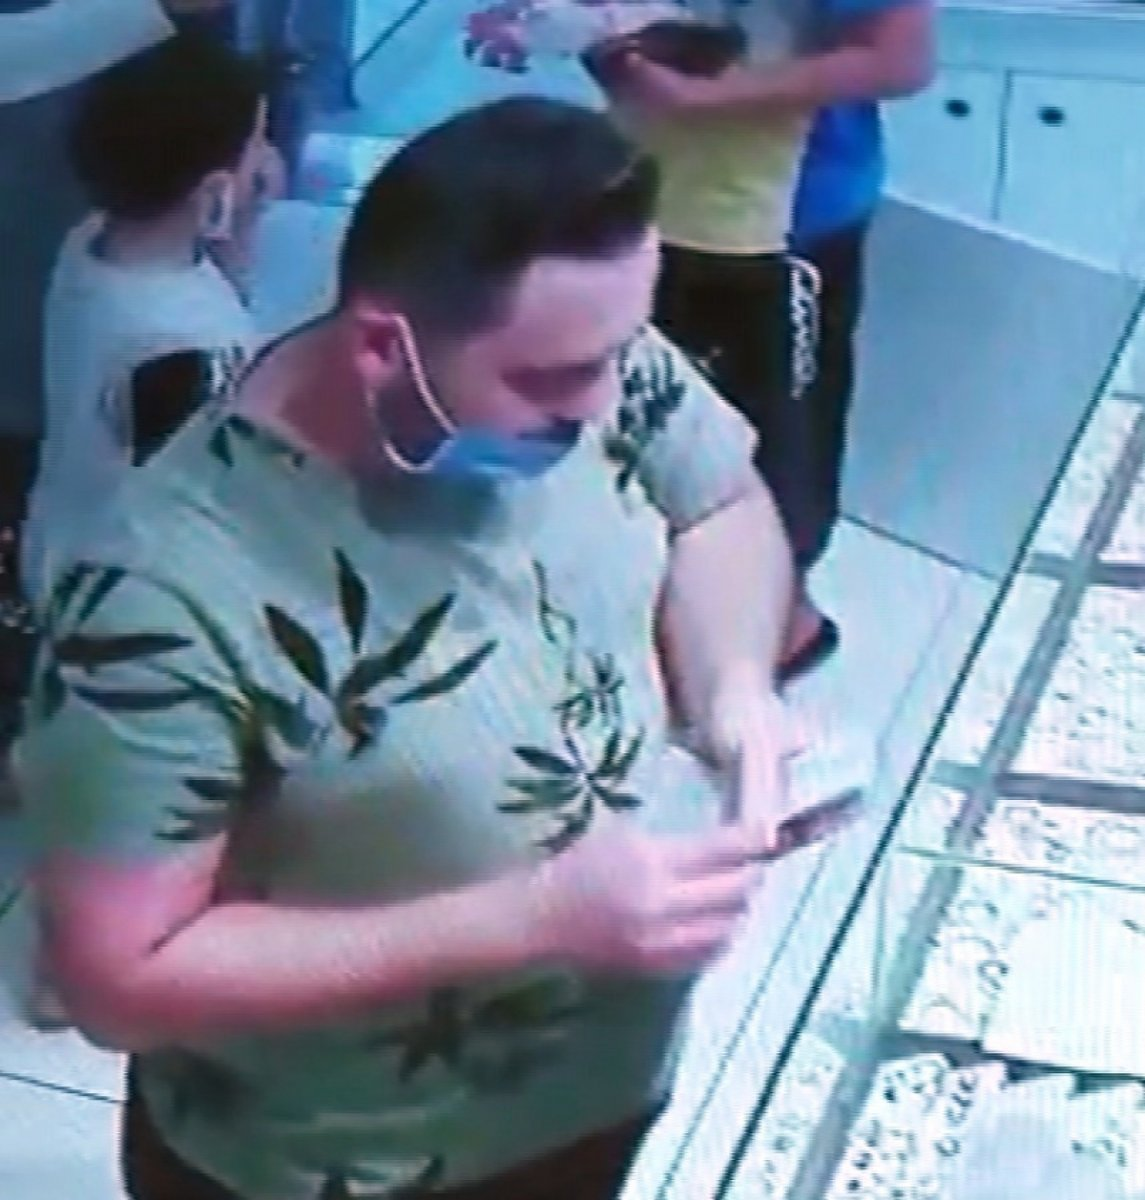 Amasya'daki kuyumculara sahte altın satışı kamerada #4